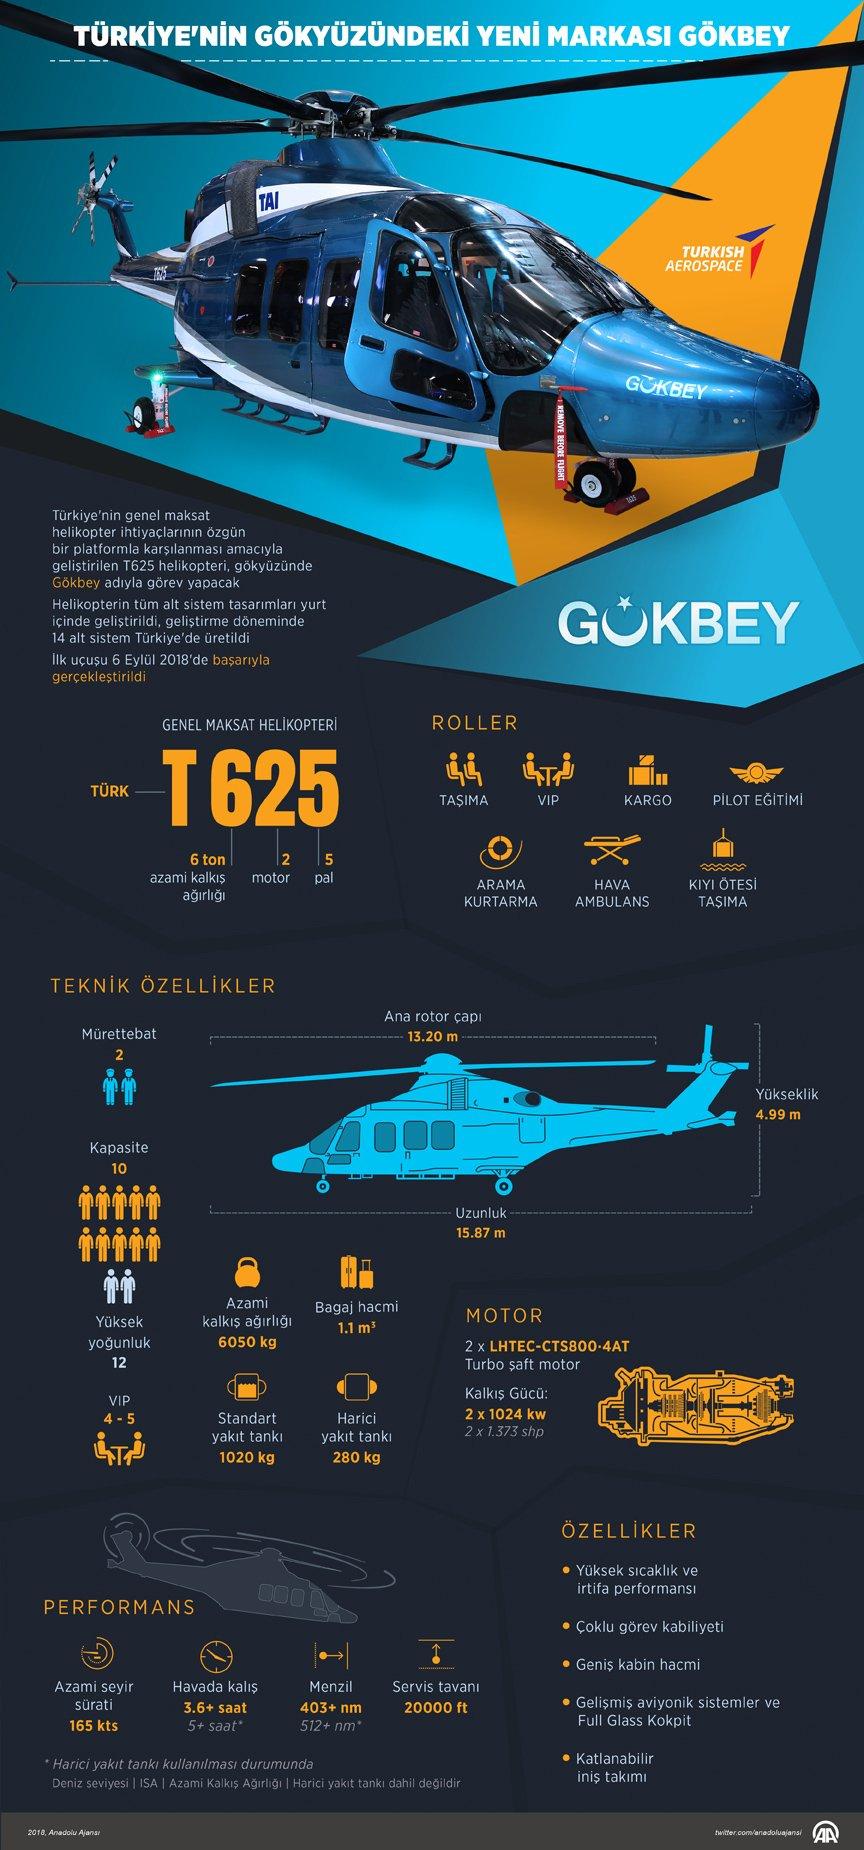 Türkiyenin yeni Gökbey Helikopteri infografik